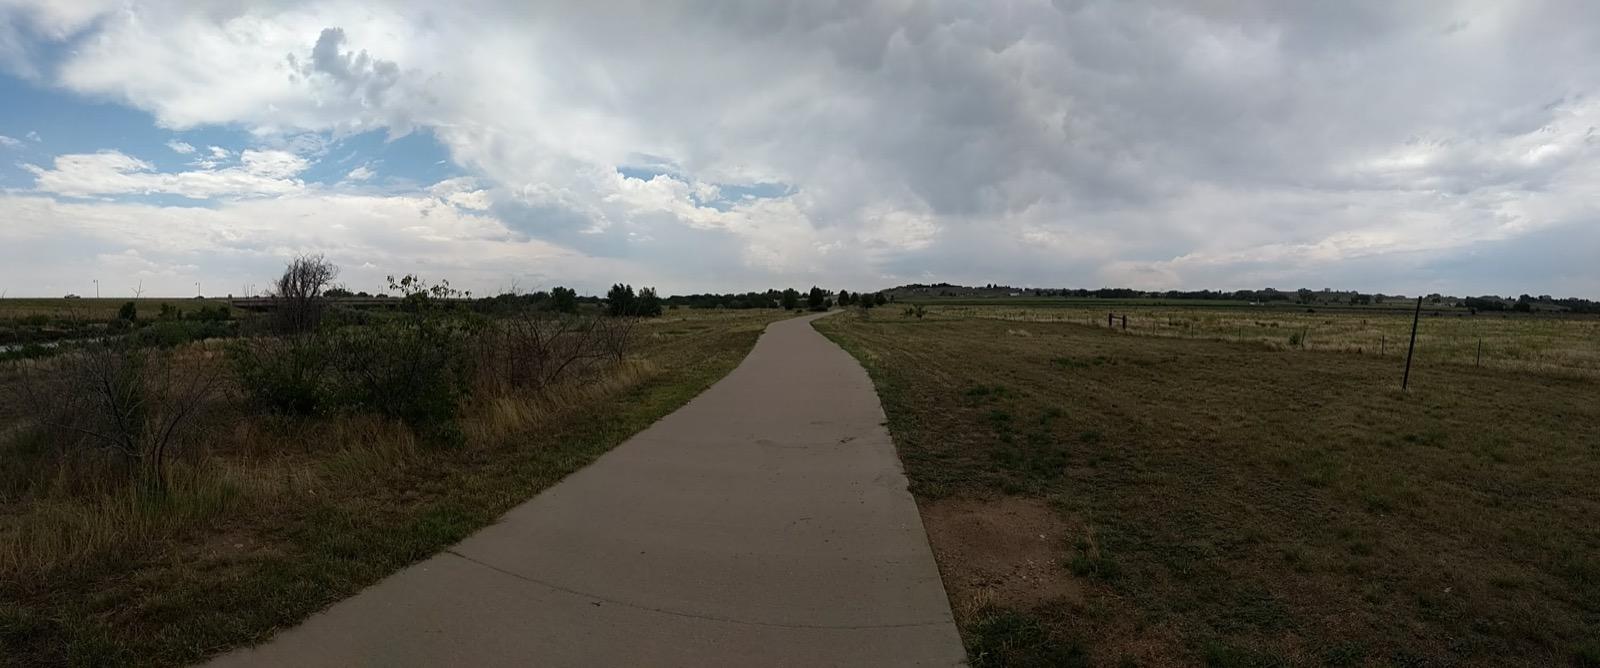 Wide concrete trail